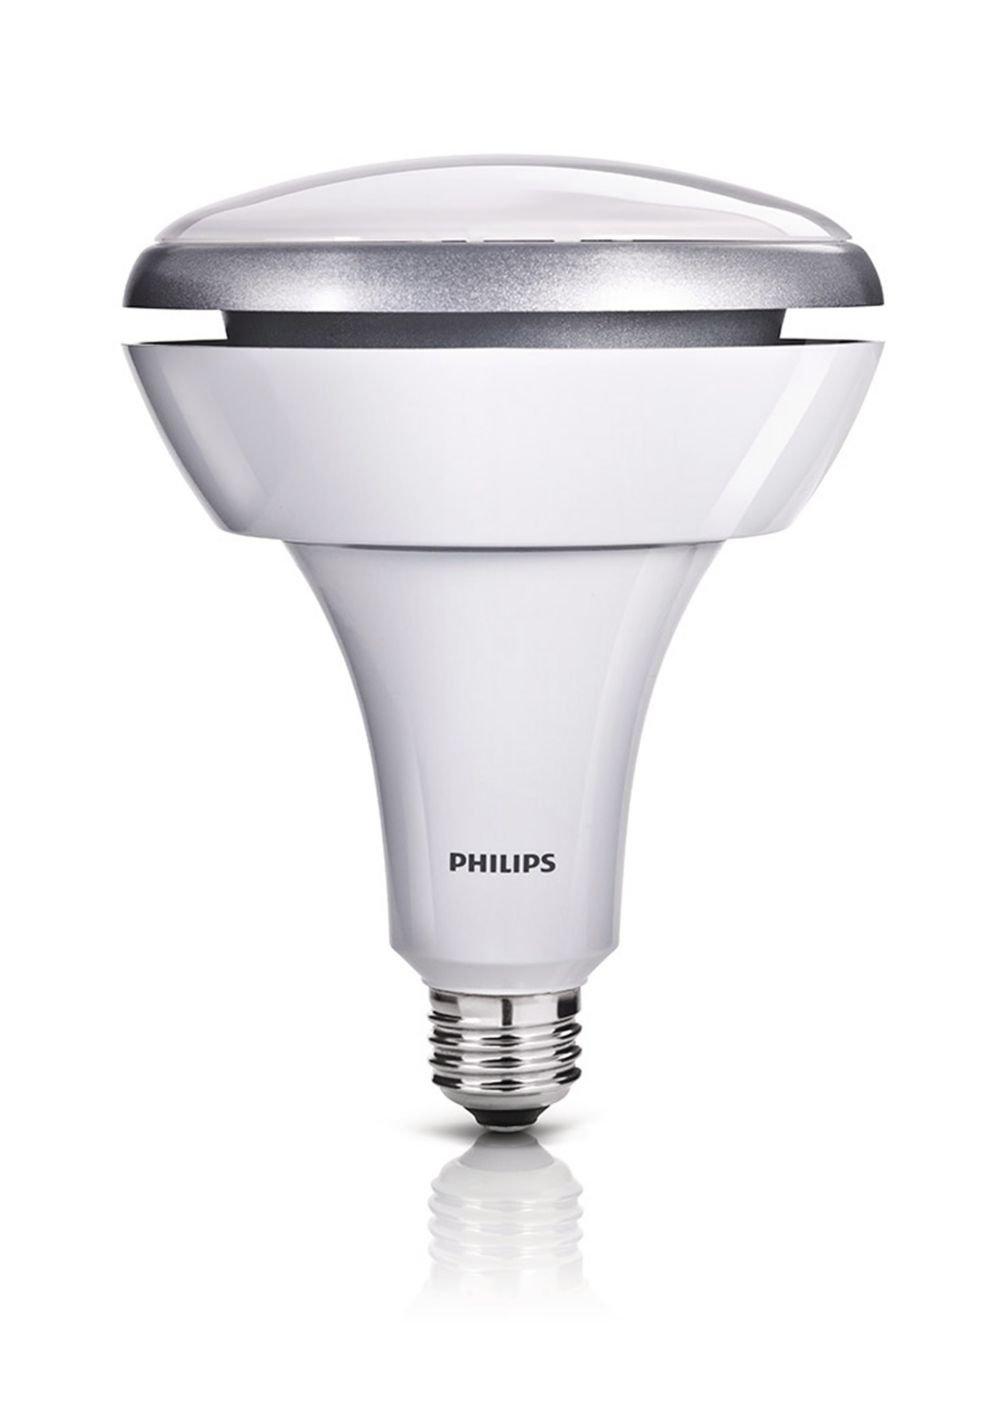 Philips 423756 14.5-Watt (75-Watt) BR40 LED Indoor Flood Light ...